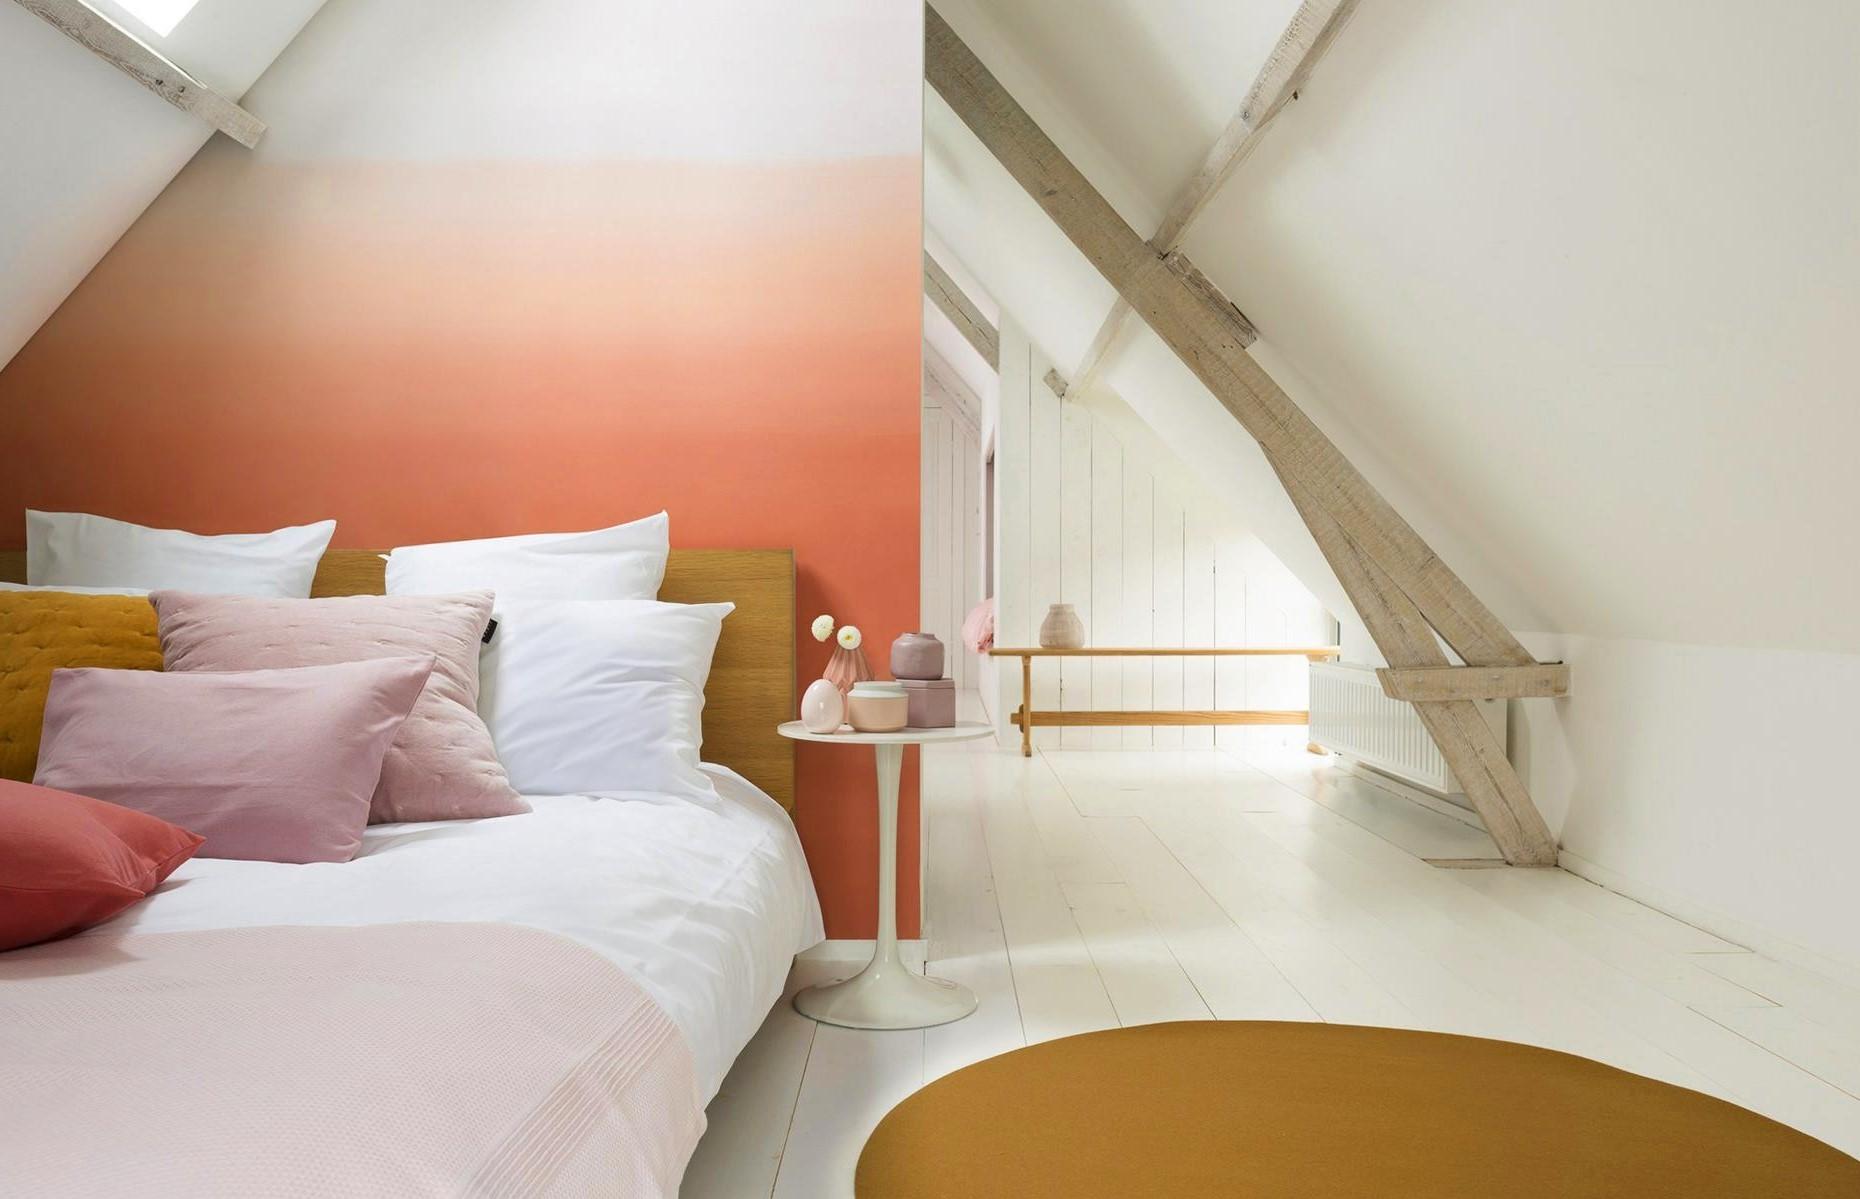 Pour une chambre à coucher ultra-contemporaine, optez pour des lignes épurées et minimalistes.